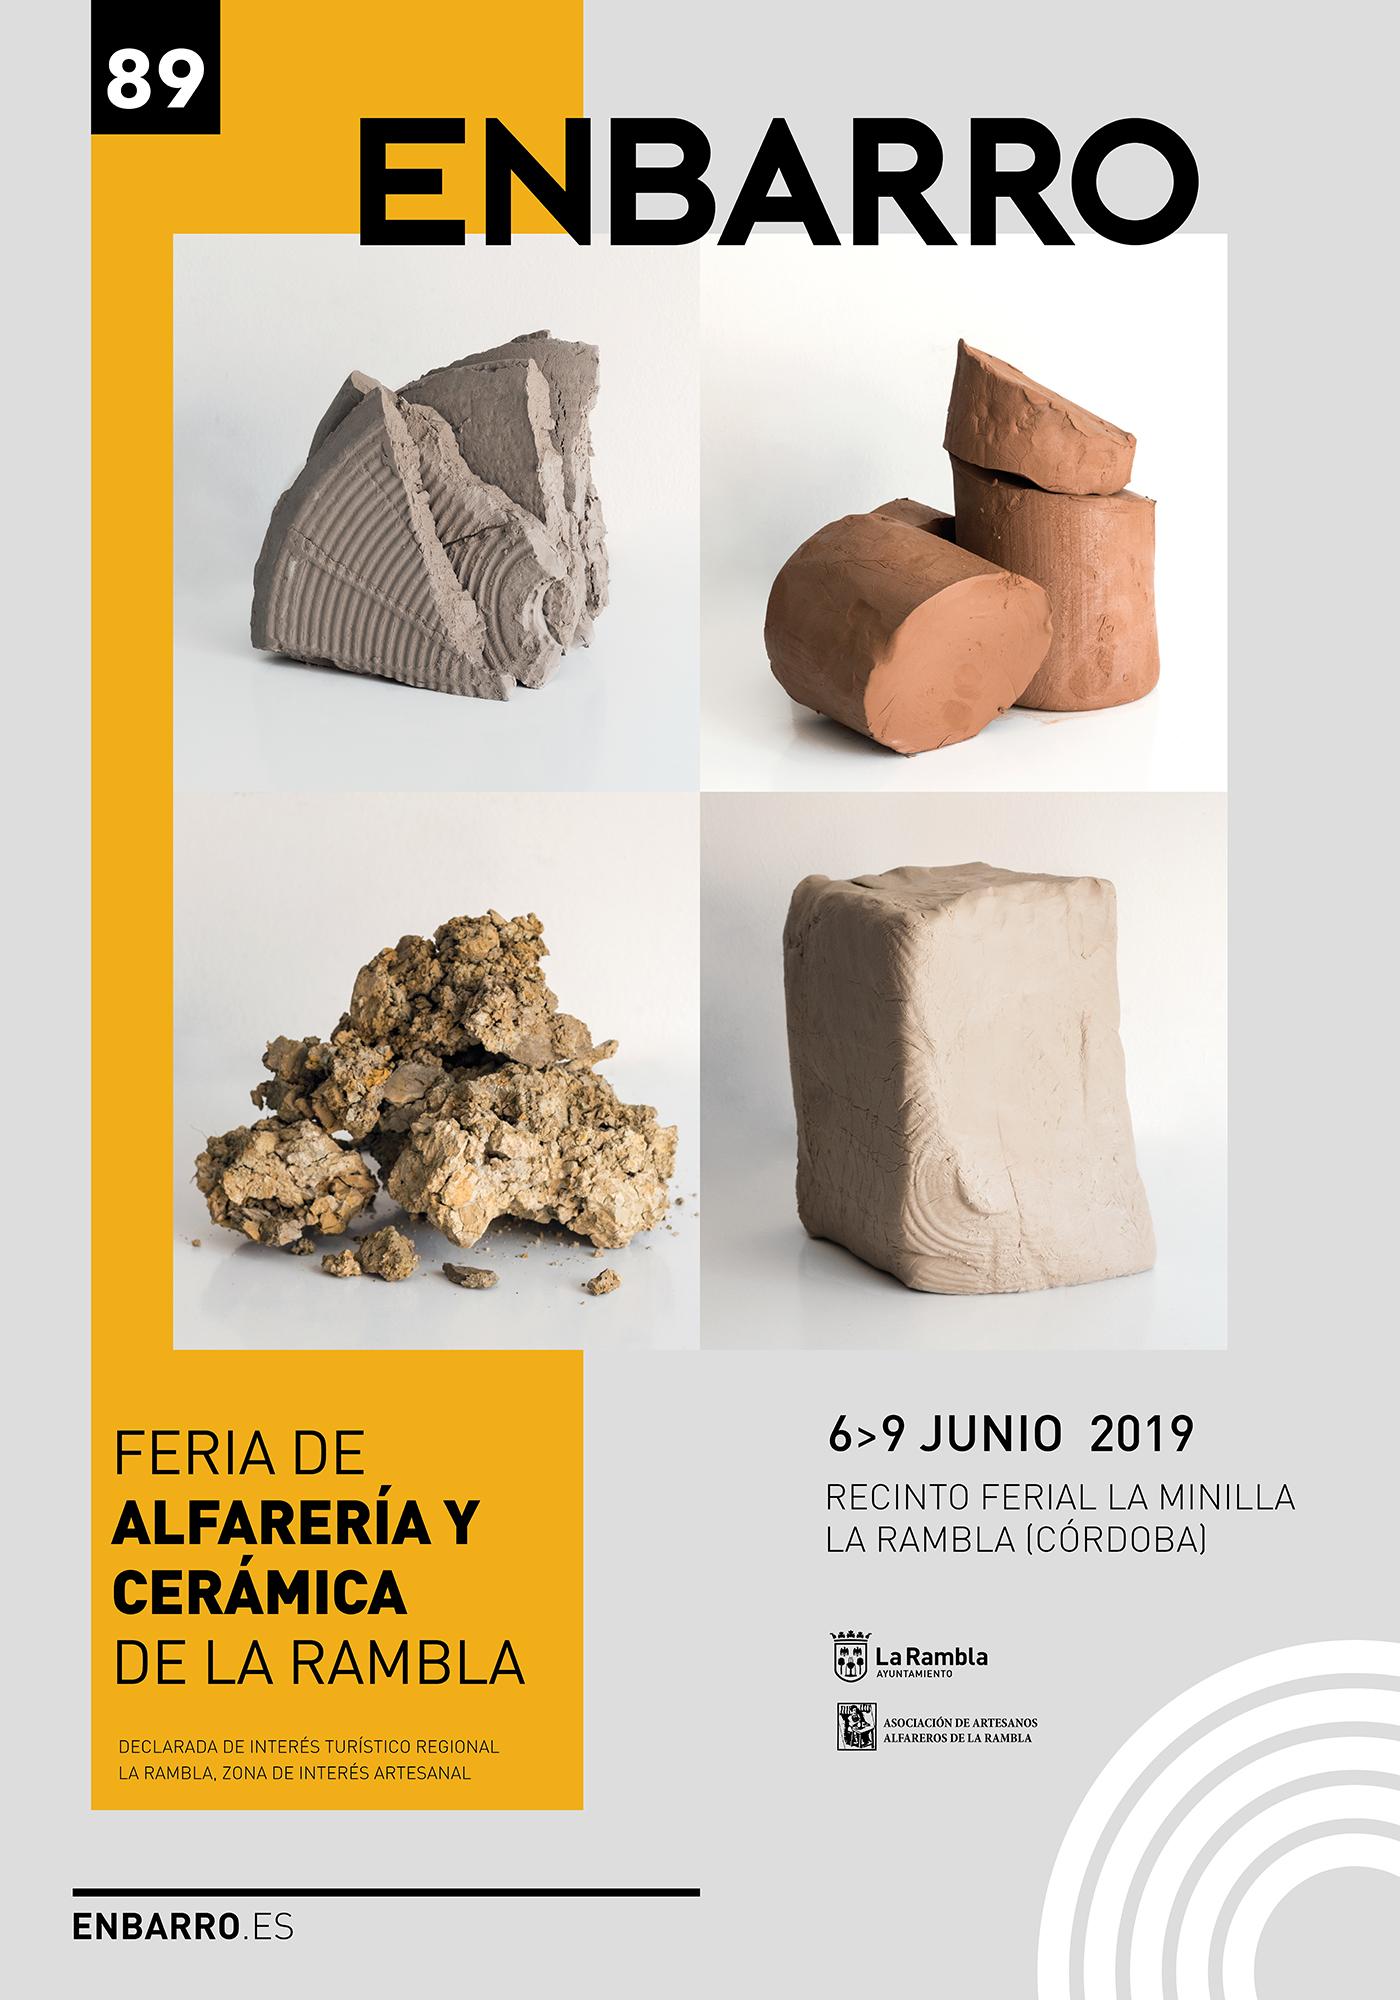 La Rambla (Córdoba) – 6 Al 9 De Junio: ENBARRO 2019 Feria De Alfarería Y Cerámica